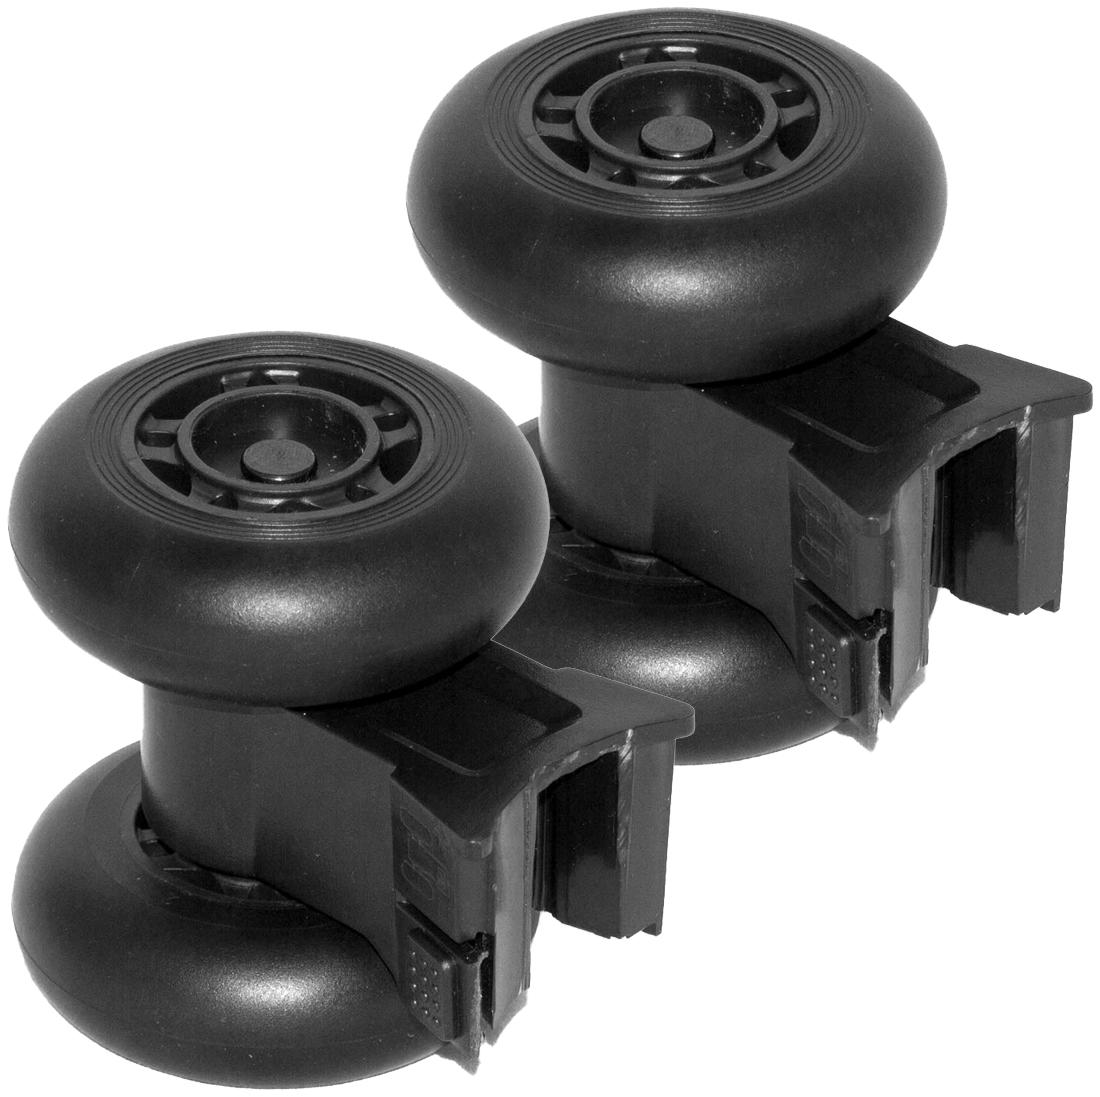 Worx (2 Pack) 50017883 Edger Wheels for Trimmer WG151/WG155/WG165 # 50017883-2PK